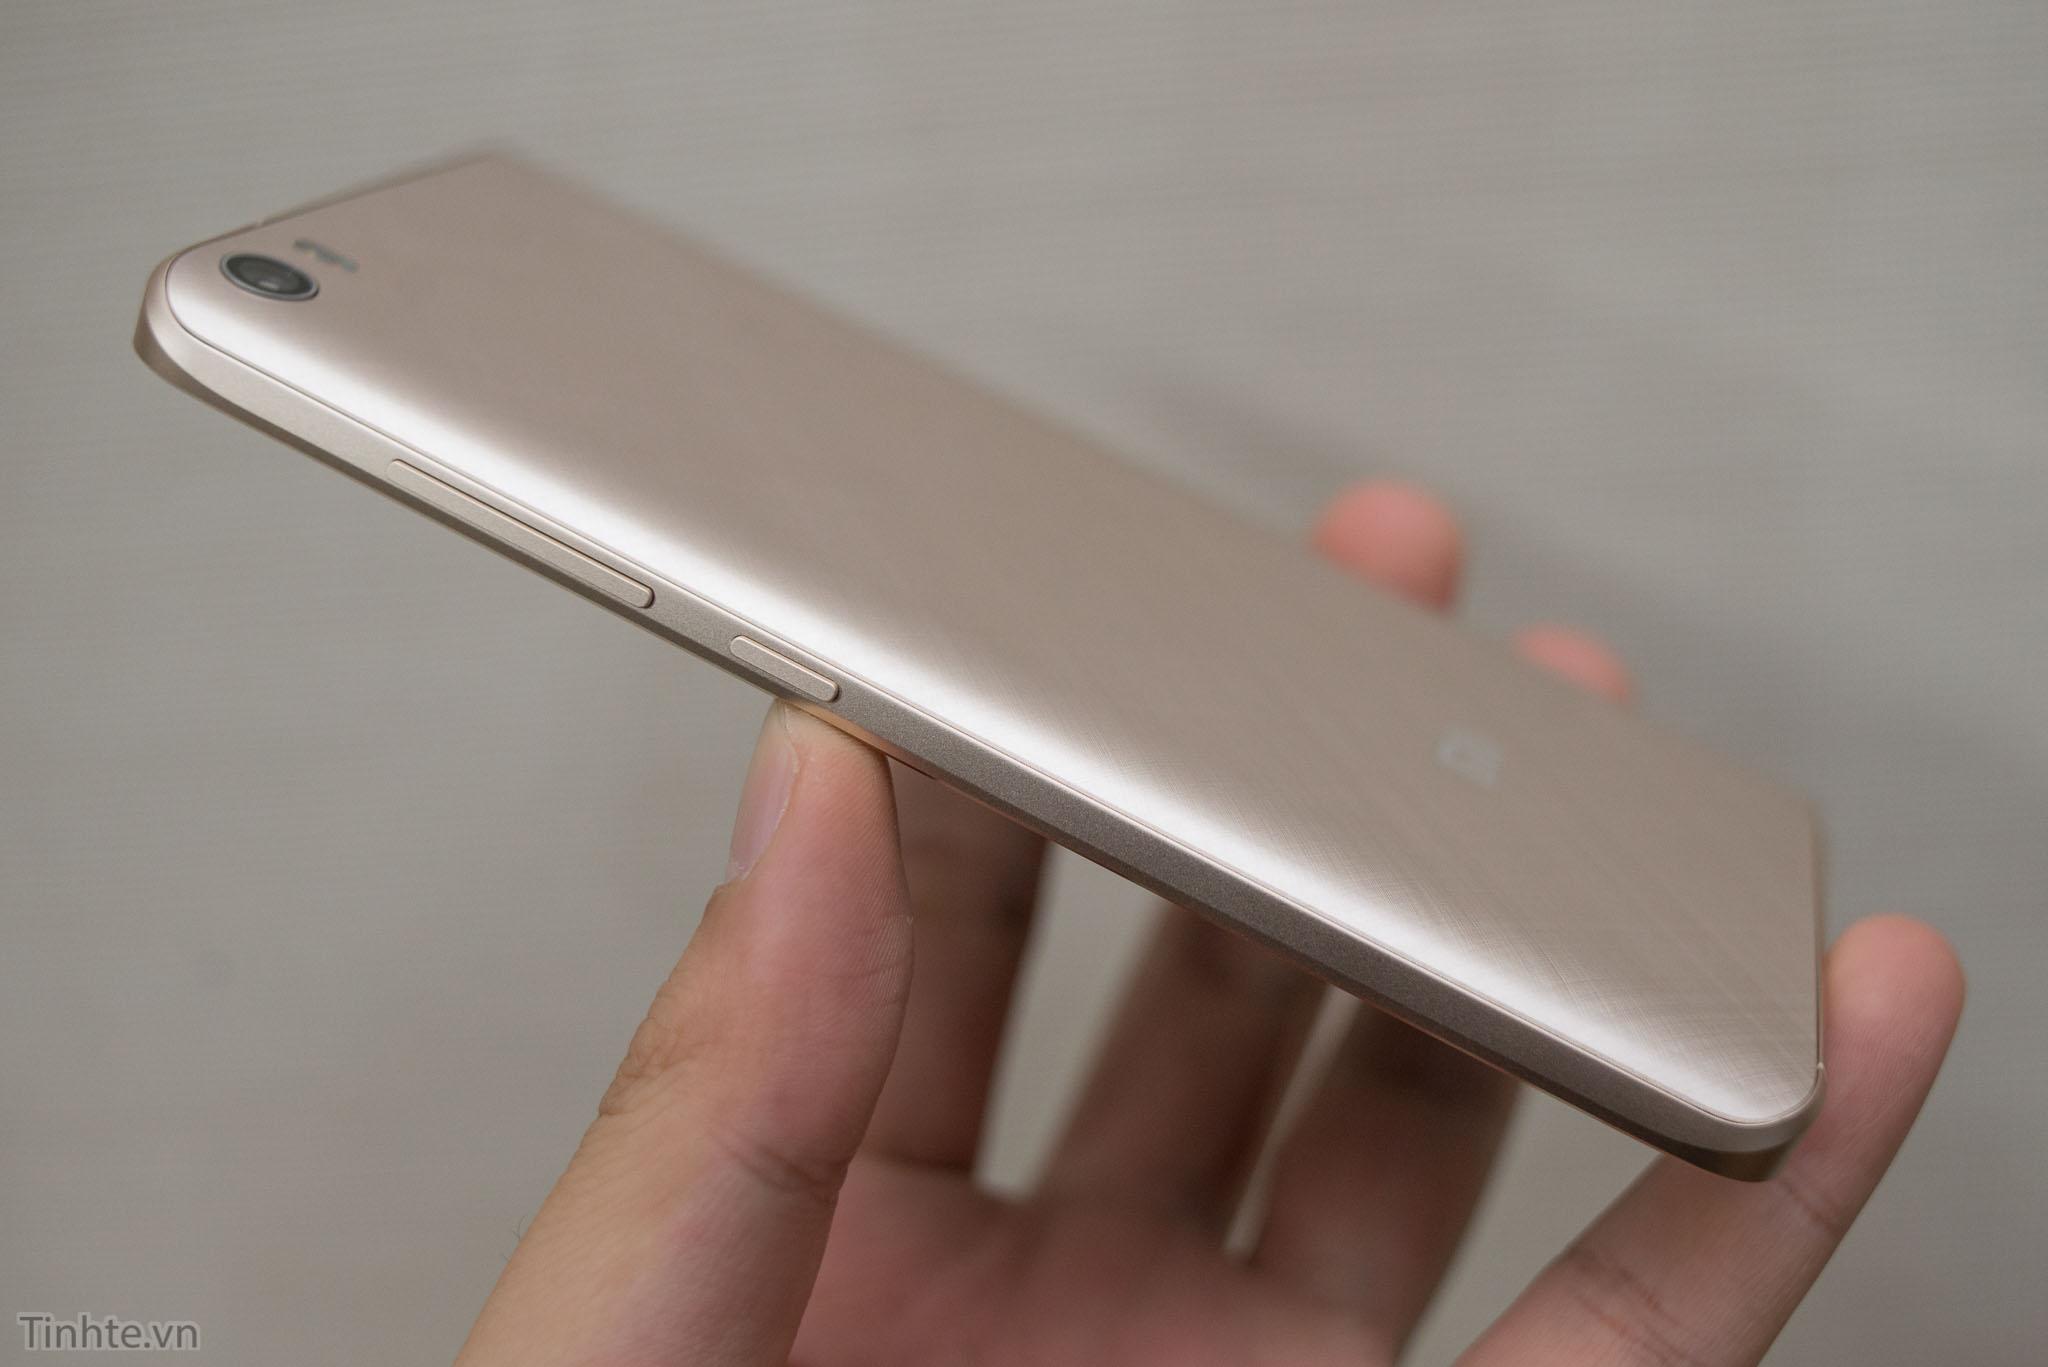 Xiaomi_Mi5_chinh_hang_tren_tay_tinhte.vn-16.jpg